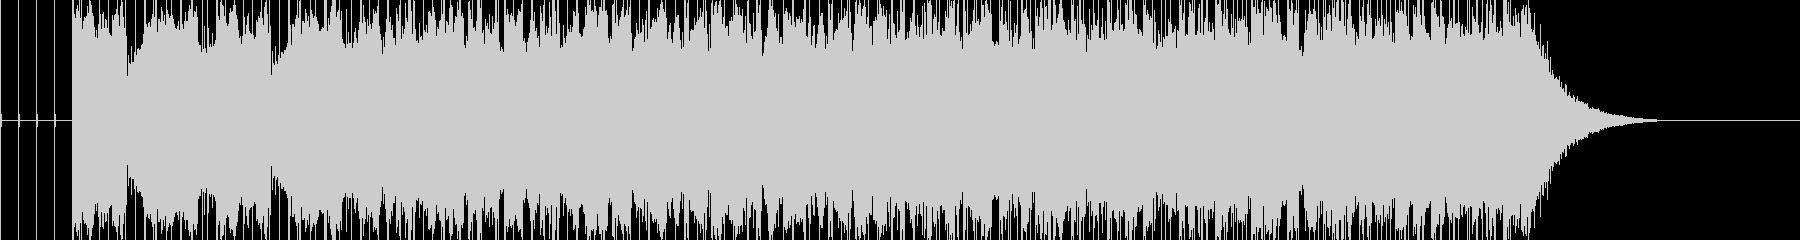 切ないメロディーが印象的なピースソングの未再生の波形